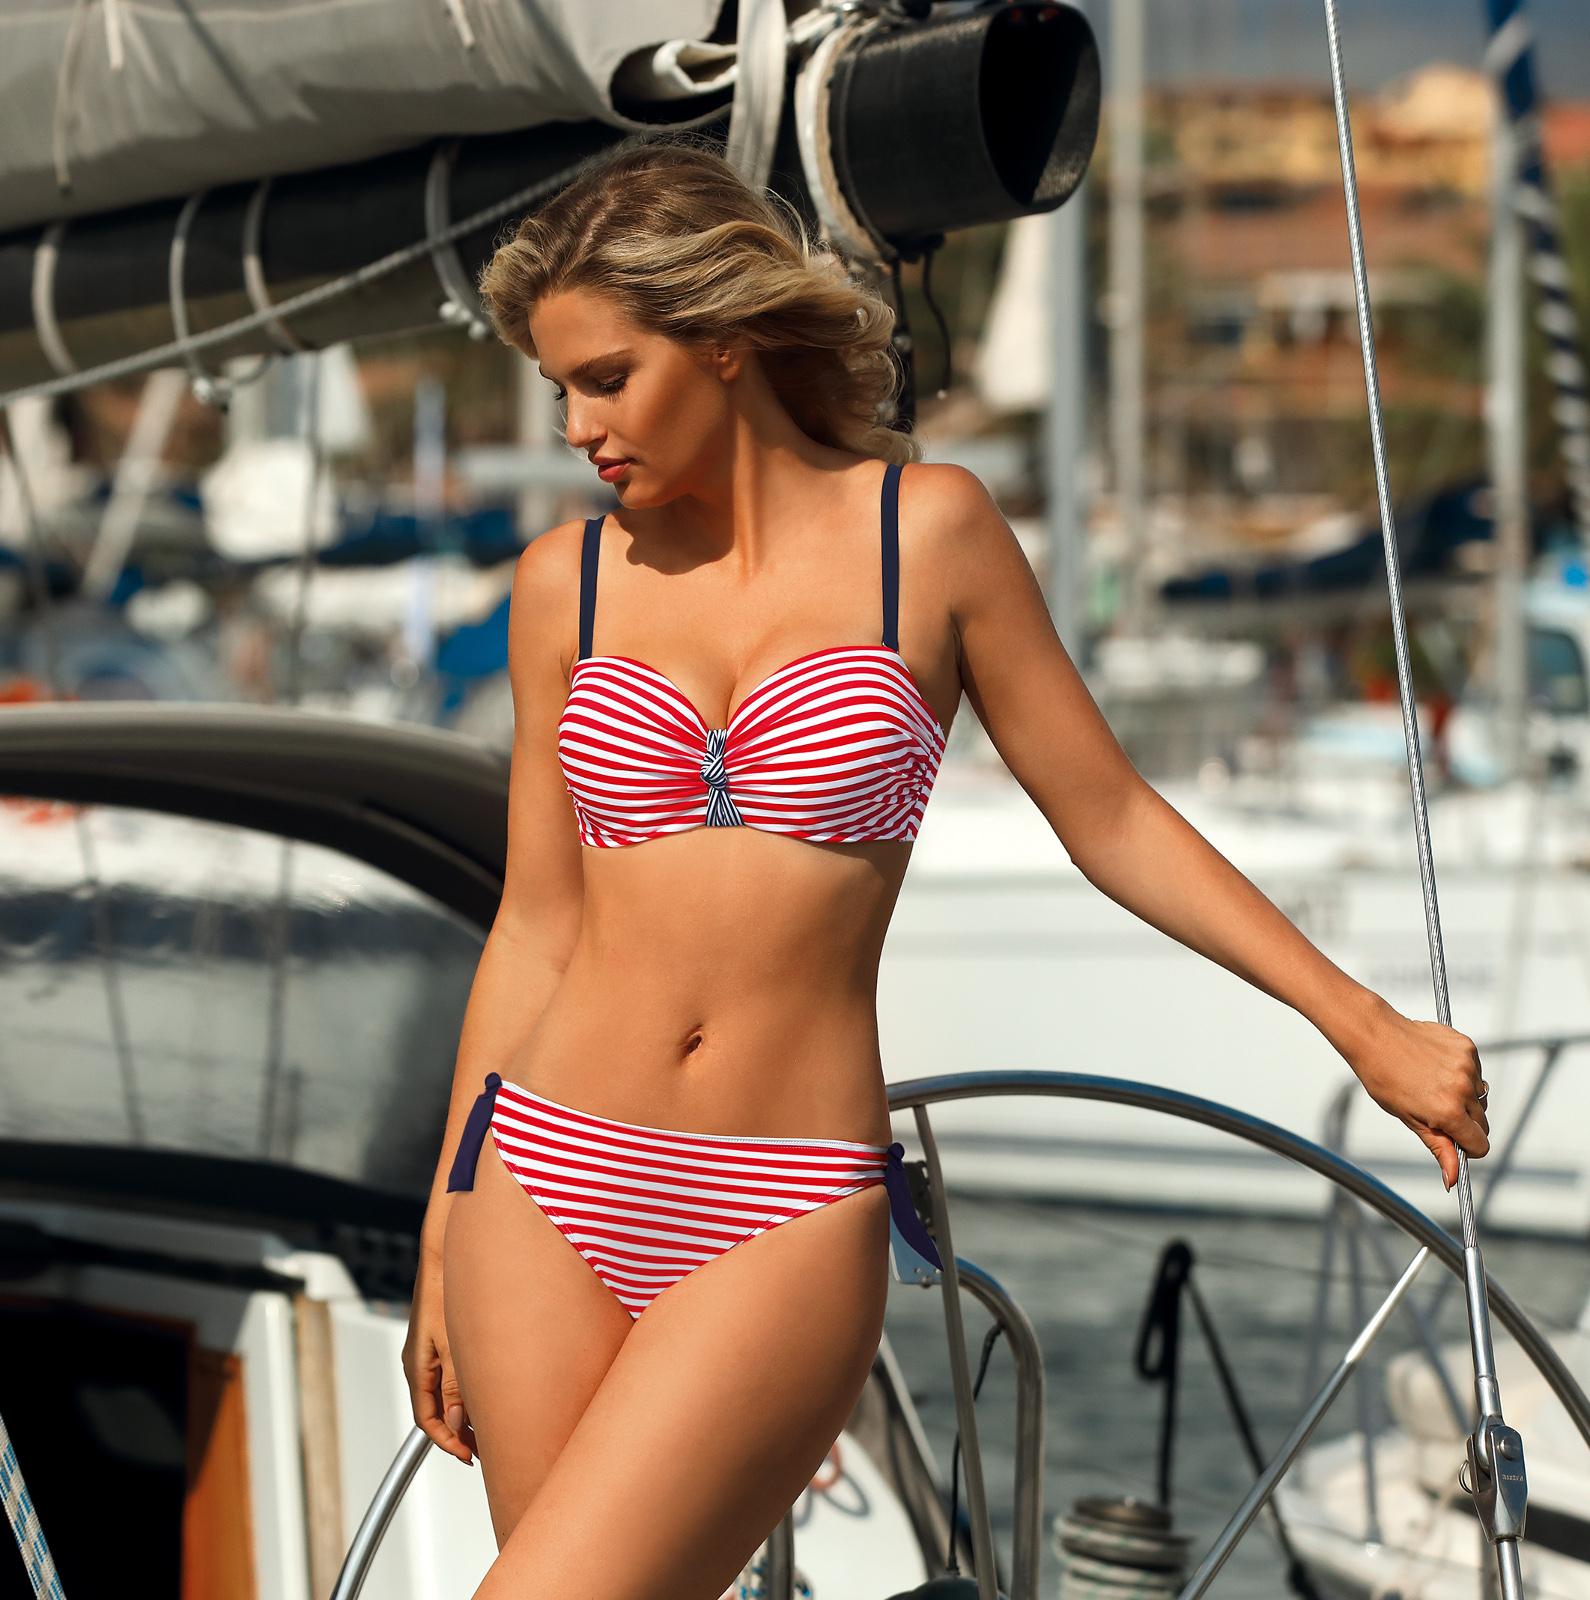 Dvoudílné dámské plavky Self S 730 M8 - Červeno-bílá/42F-XL